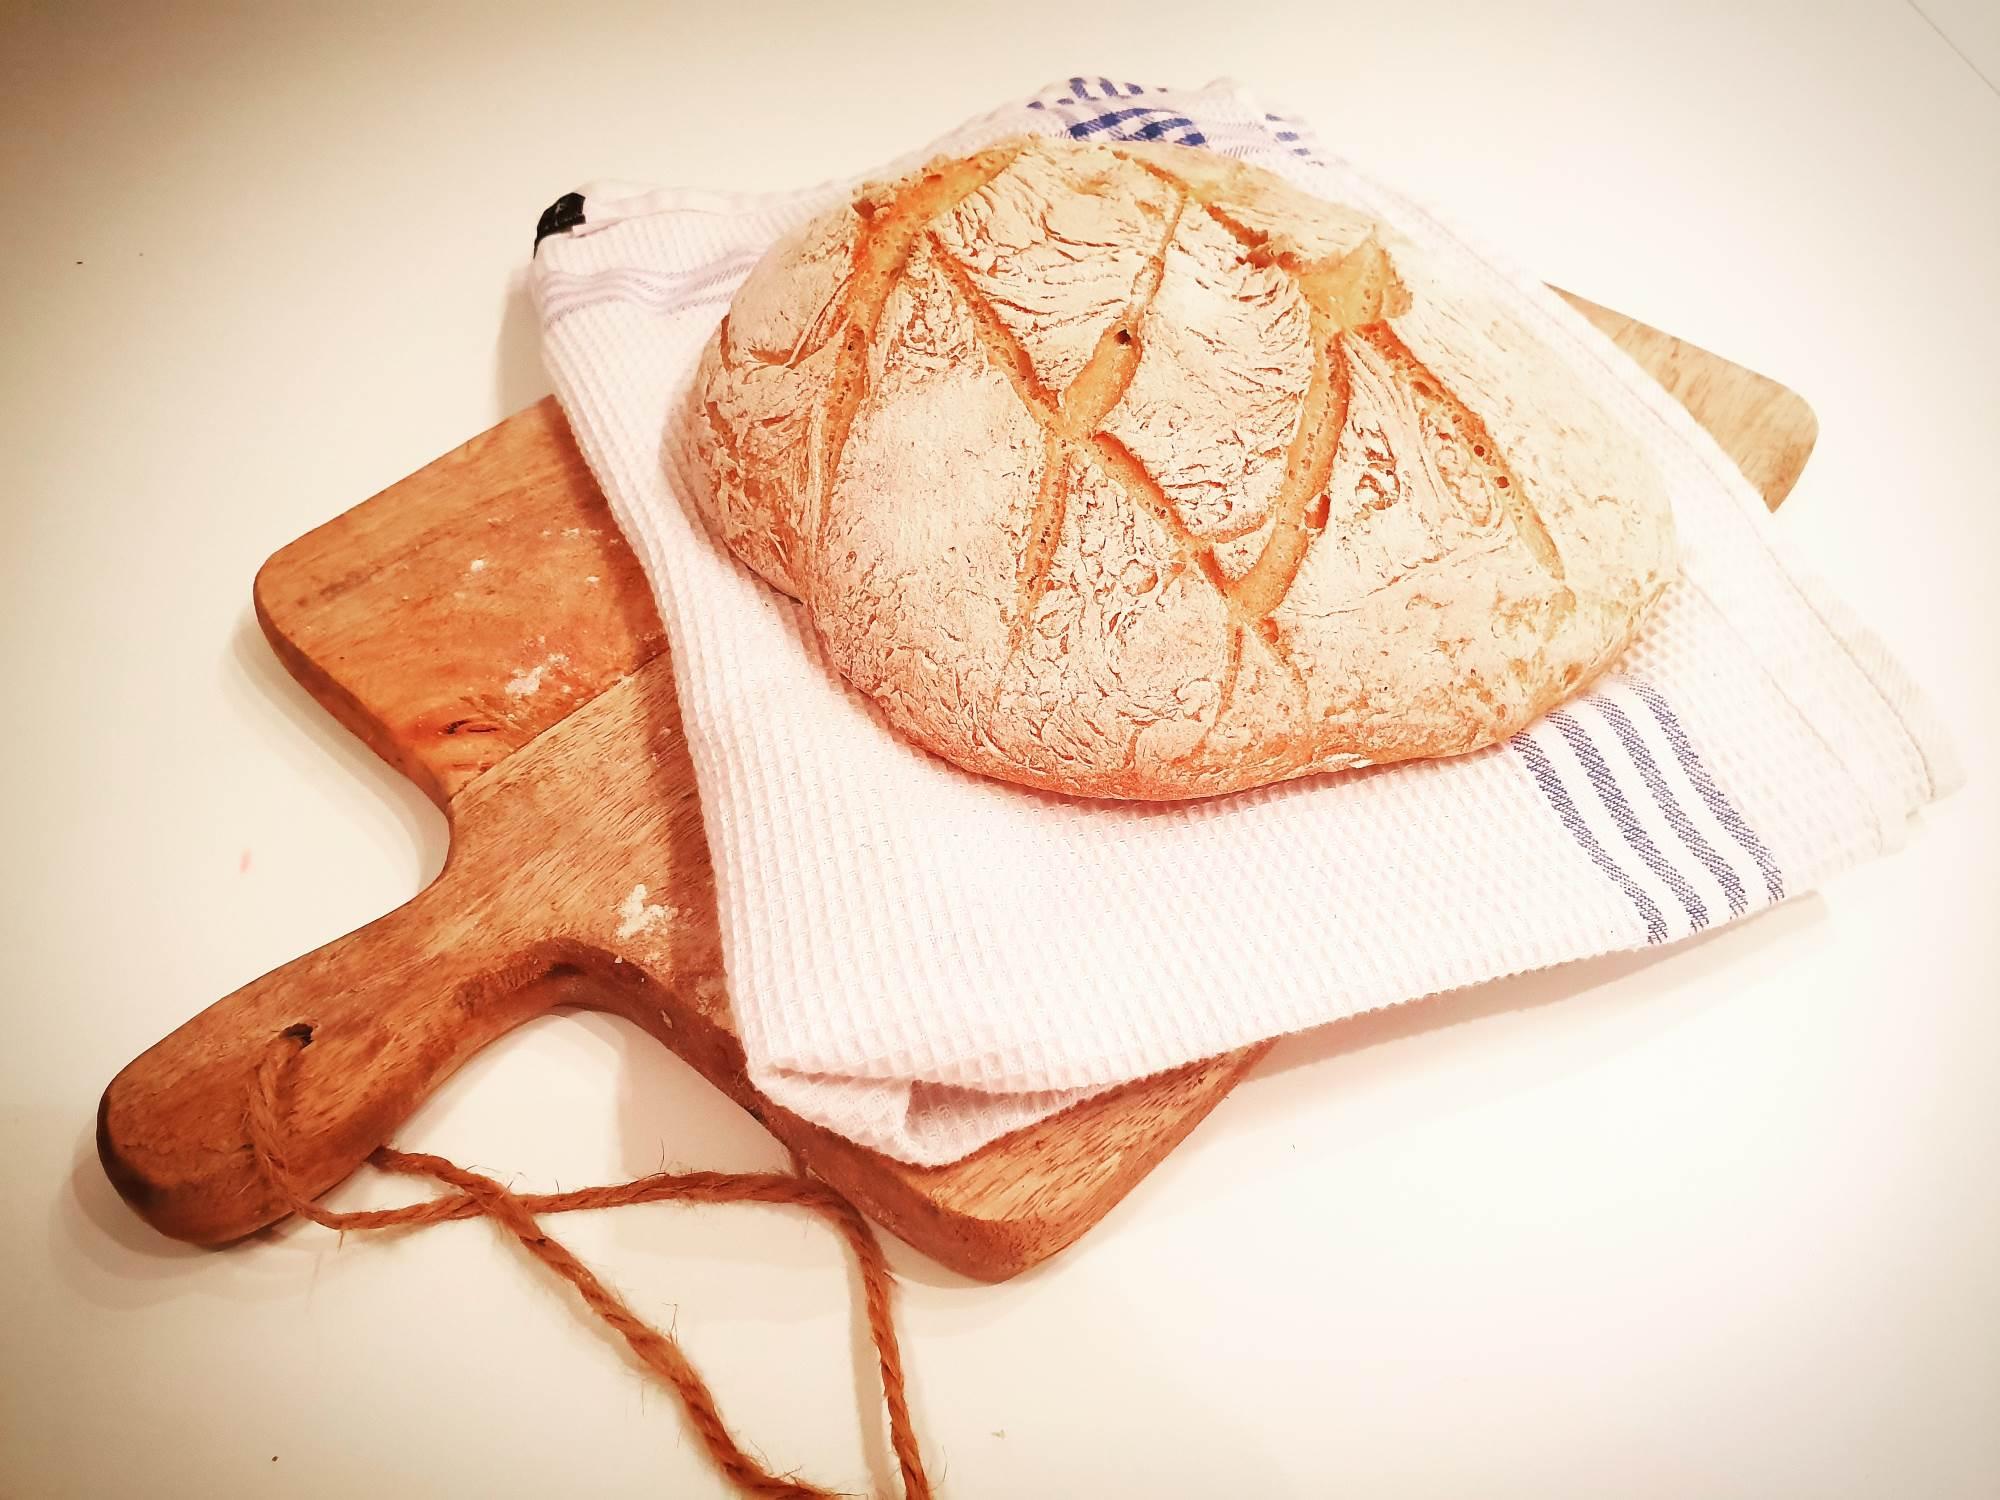 Domači beli kruh